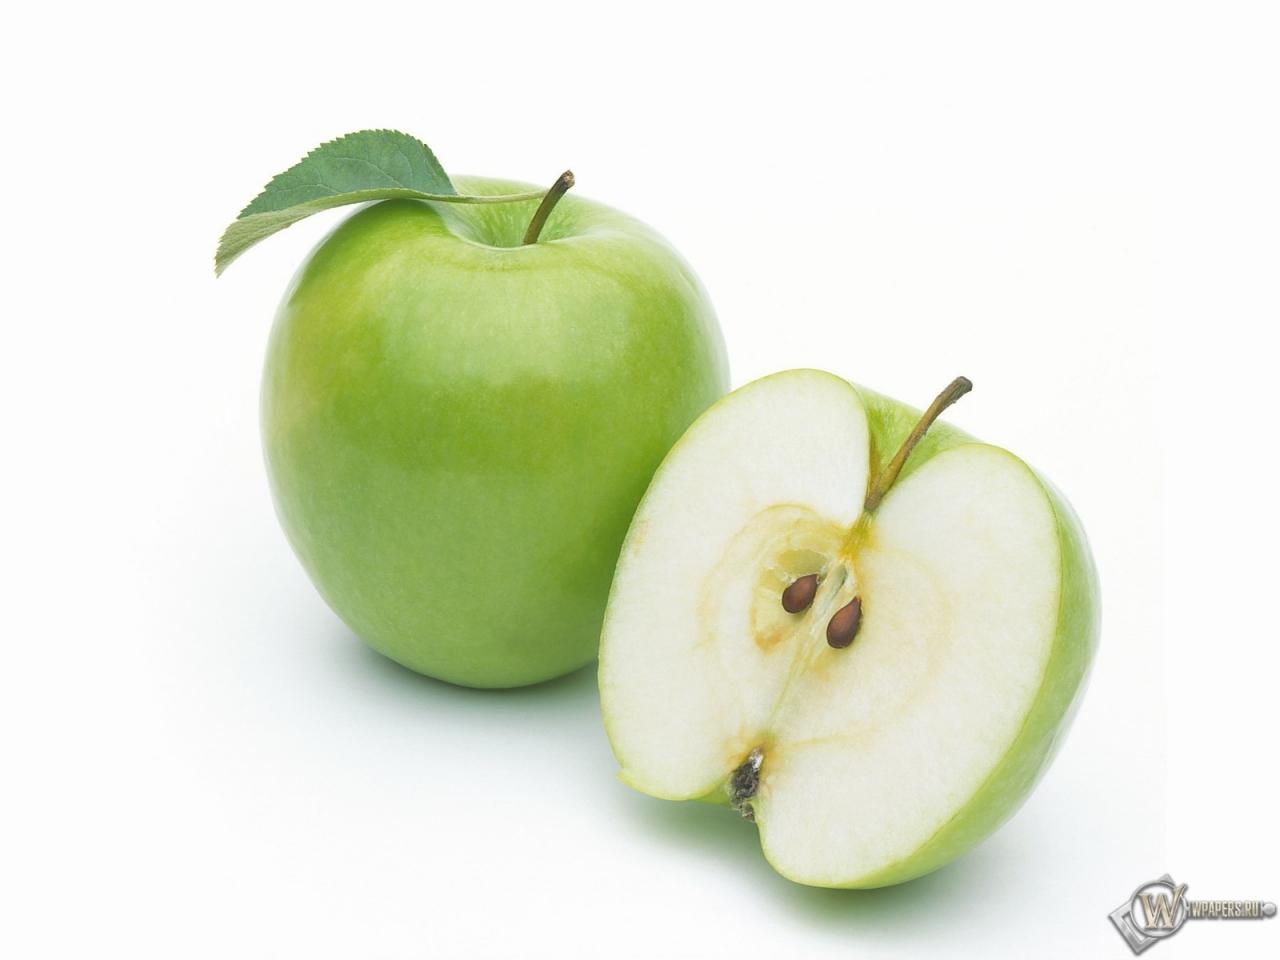 Яблоко на белом фоне картинка 5